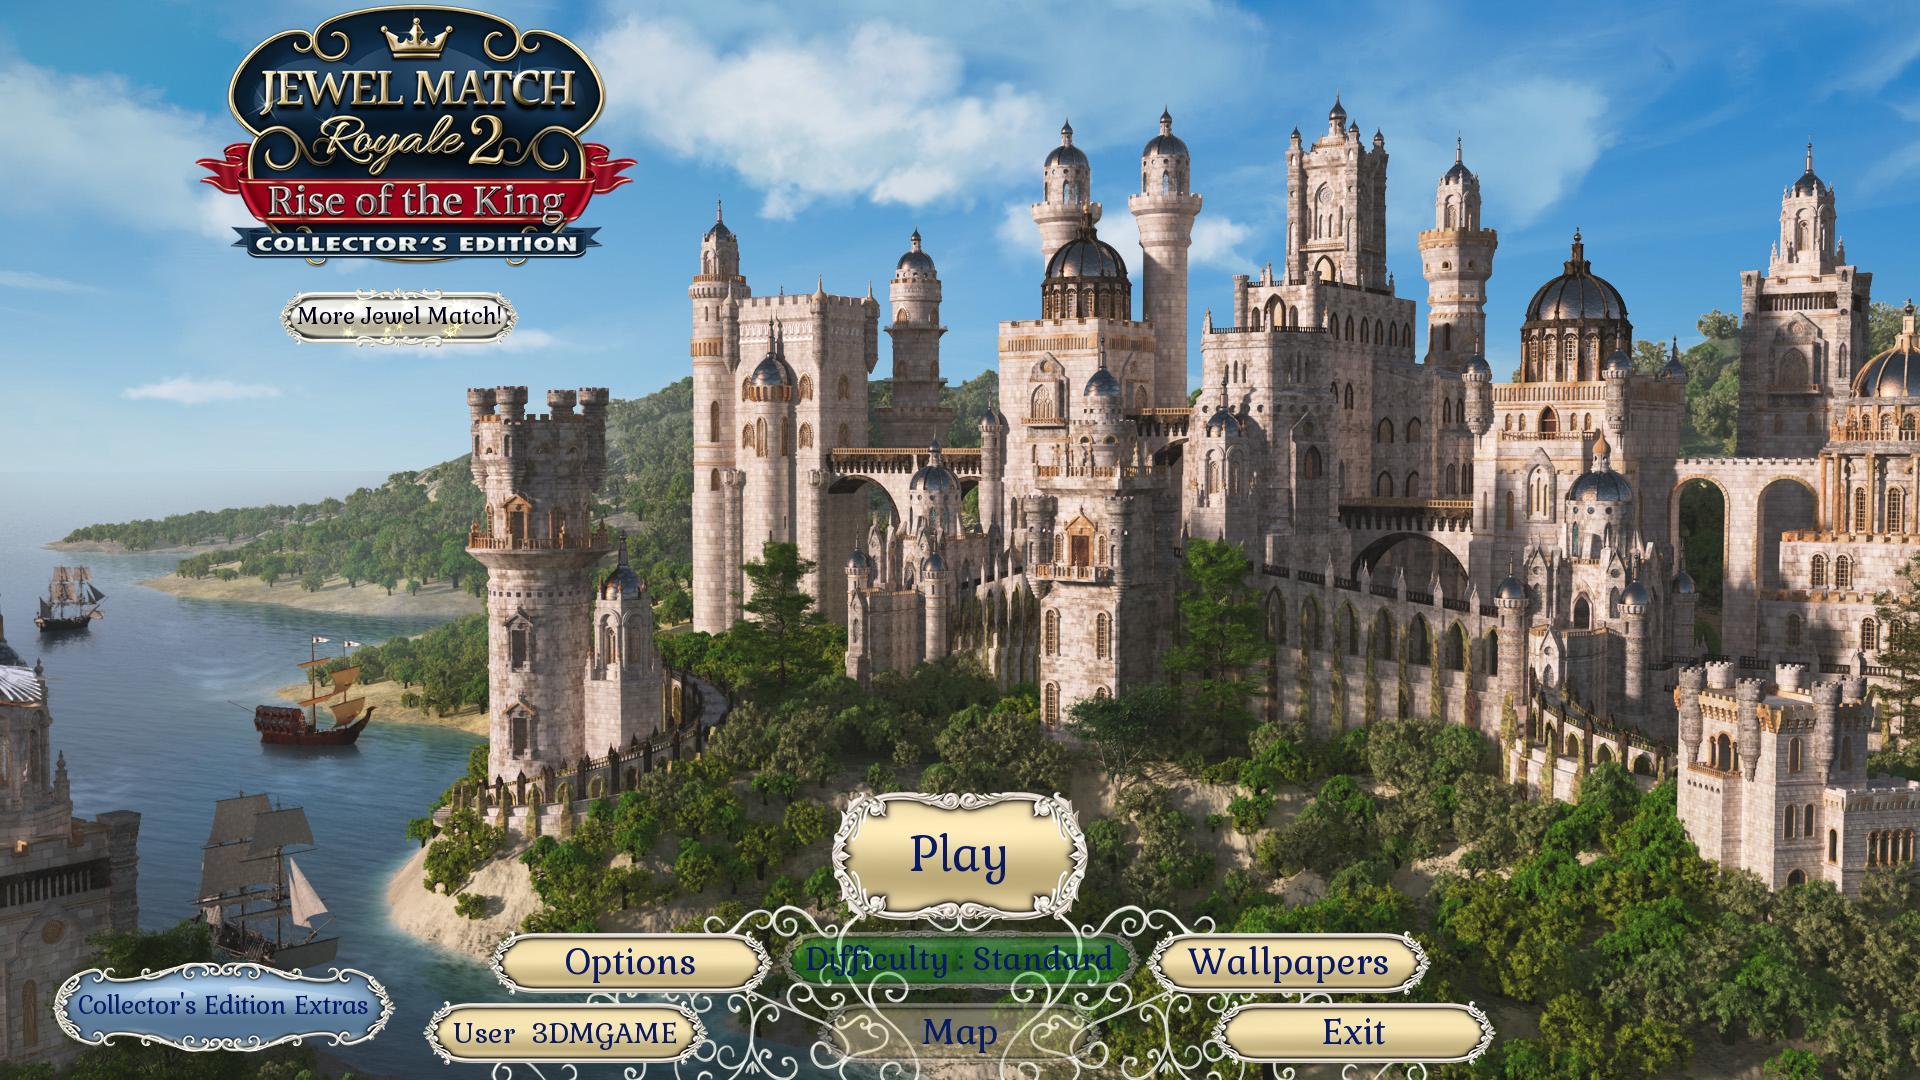 皇家宝石消除2 游戏截图